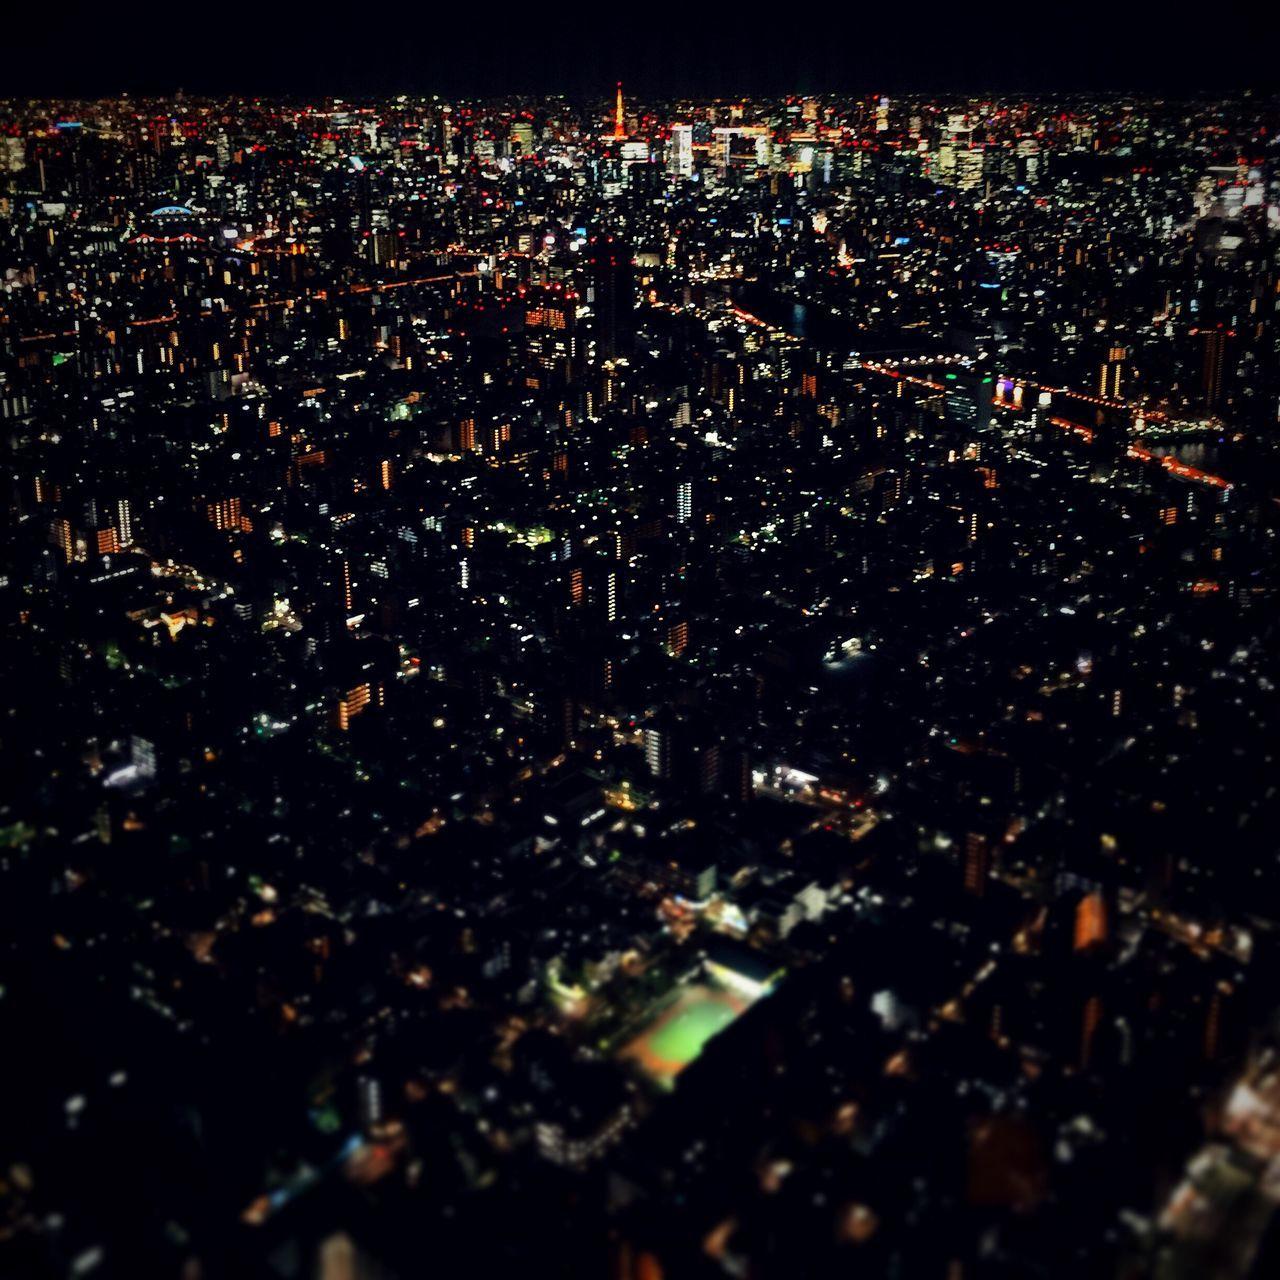 Cityscape Building Exterior Illuminated Night Eyem Best Shots Mobilephotography